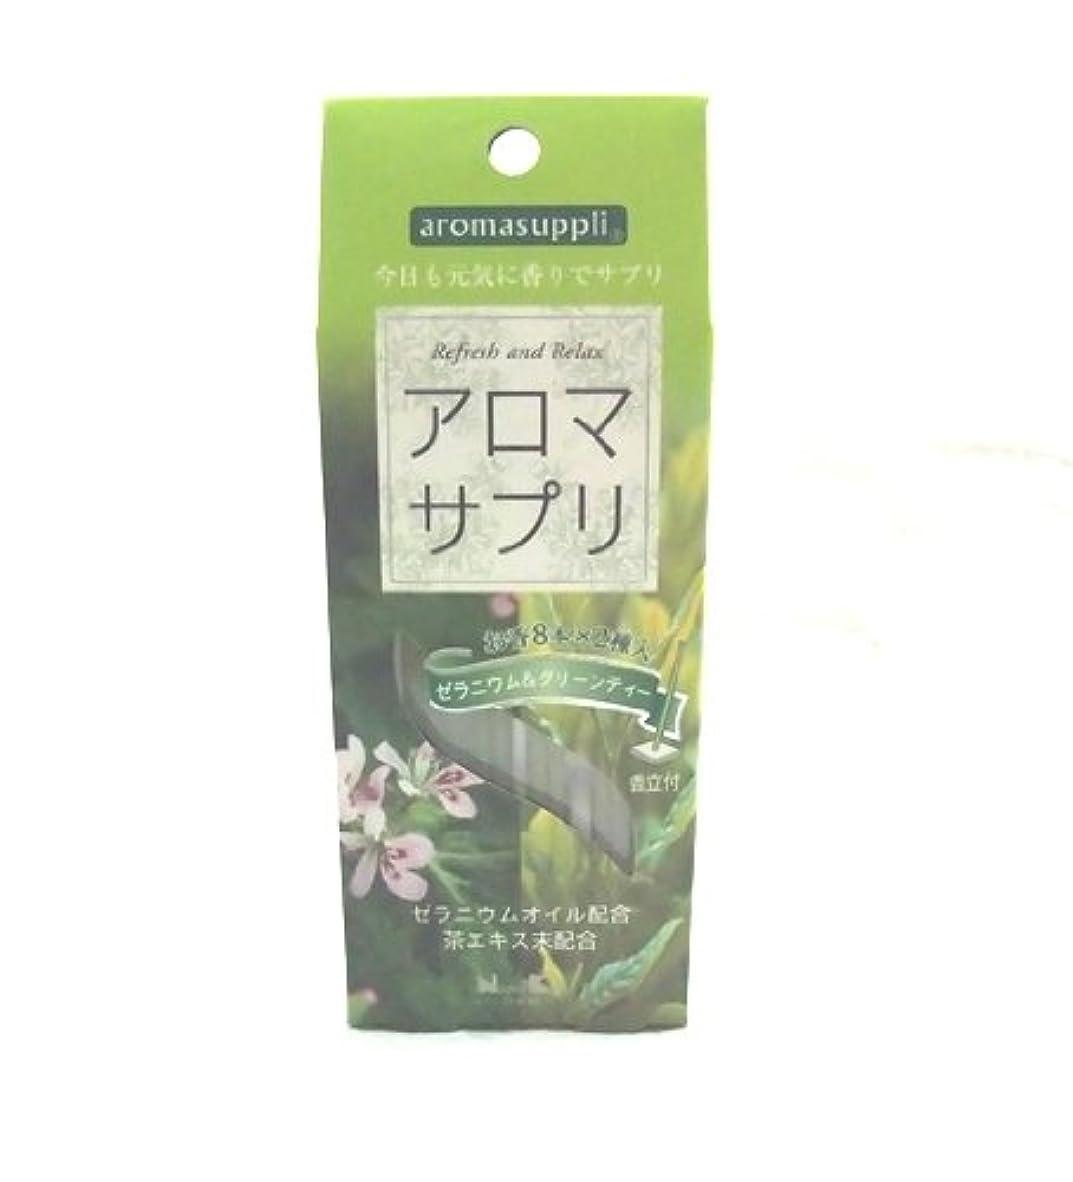 用心する下ホバーお香 アロマサプリ<ゼラニウム&グリーンティー> 2種類の香り× 各8本入 香立付